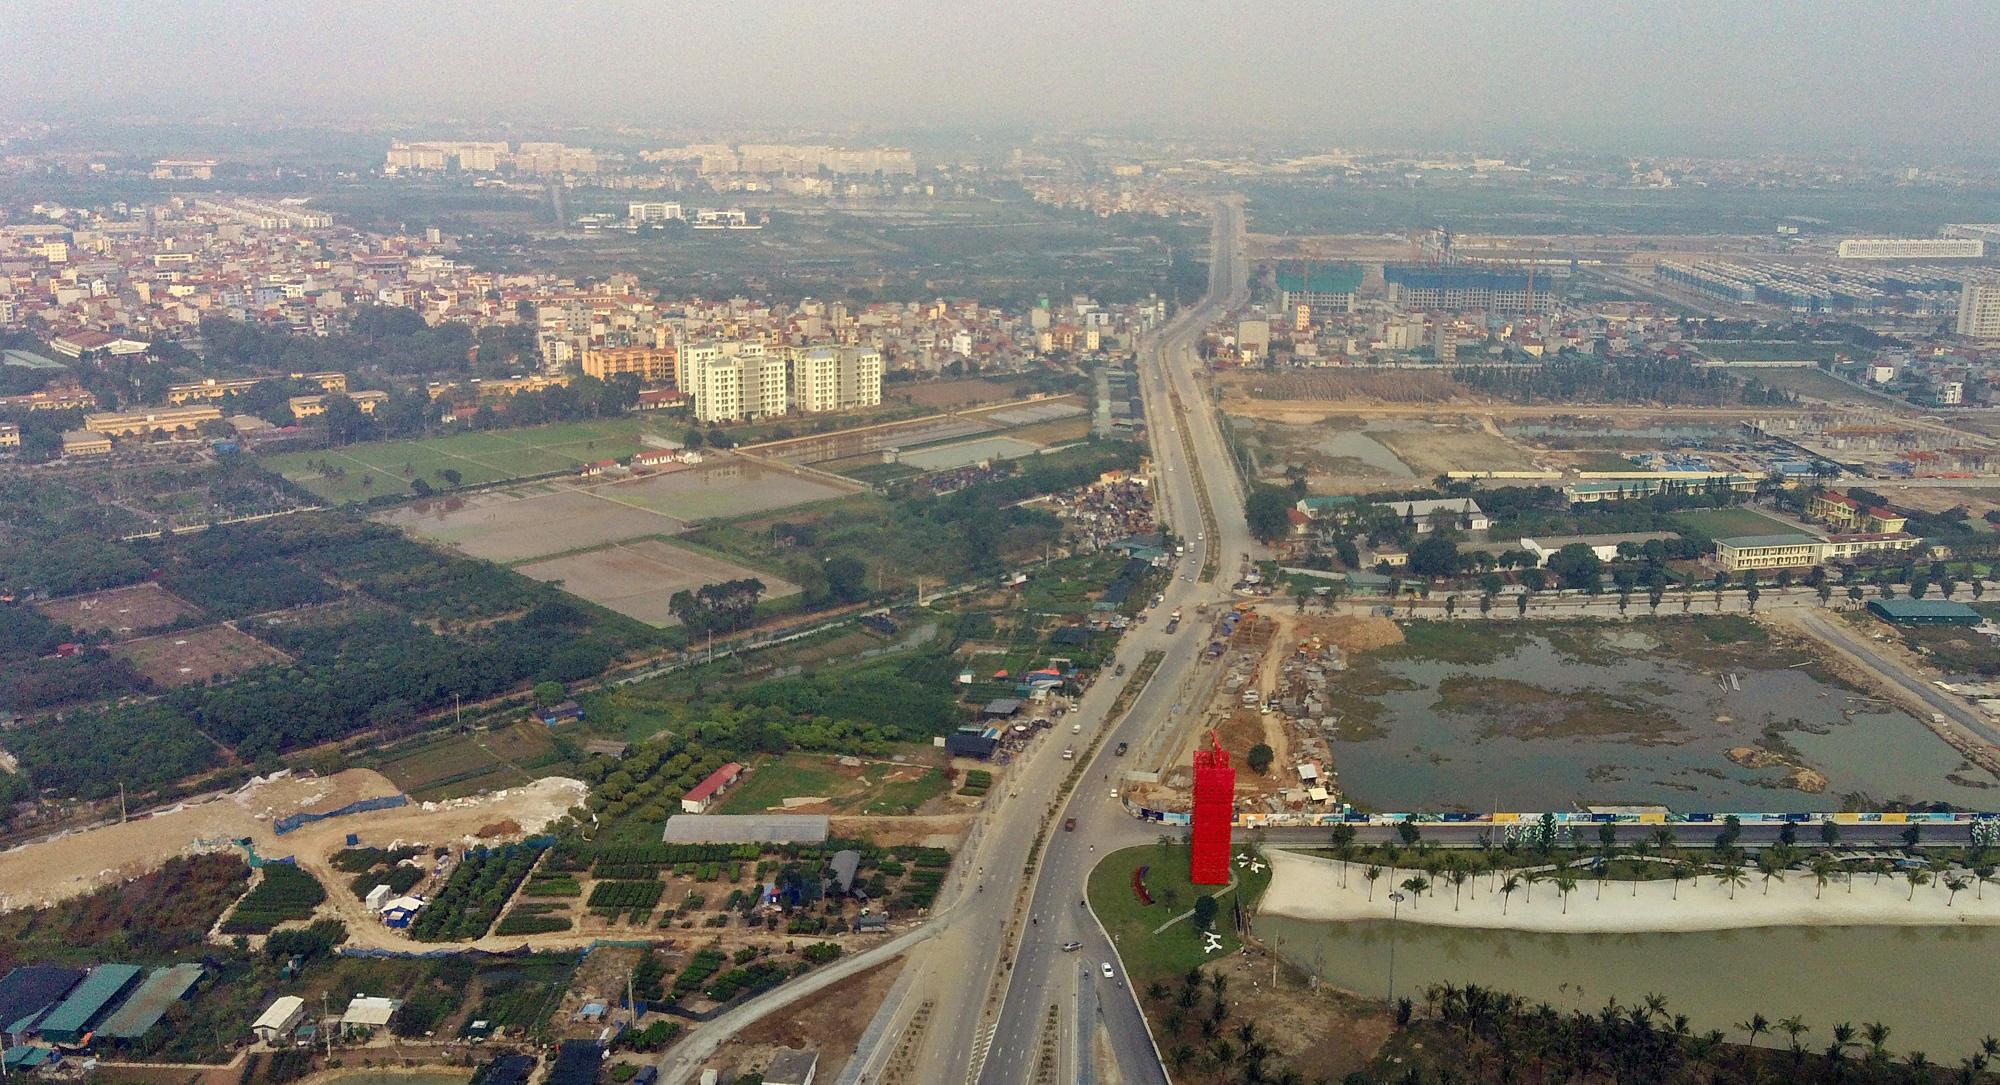 Chuẩn bị lên quận, hạ tầng giao thông huyện Gia Lâm đang thay đổi 'chóng mặt' - Ảnh 8.